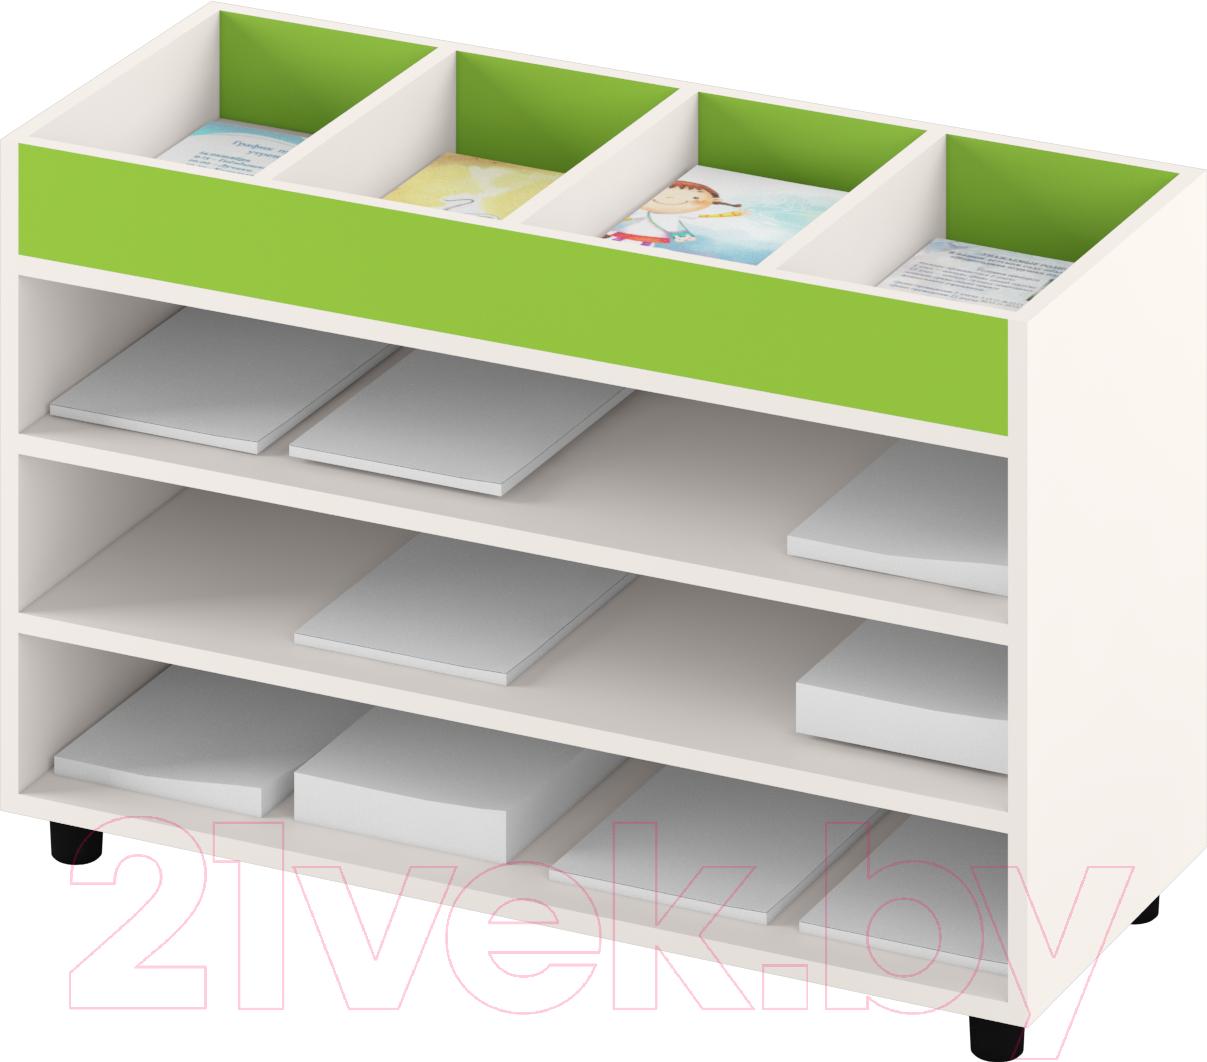 Купить Система хранения Славянская столица, ДУ-СМ5 (белый/зеленый), Беларусь